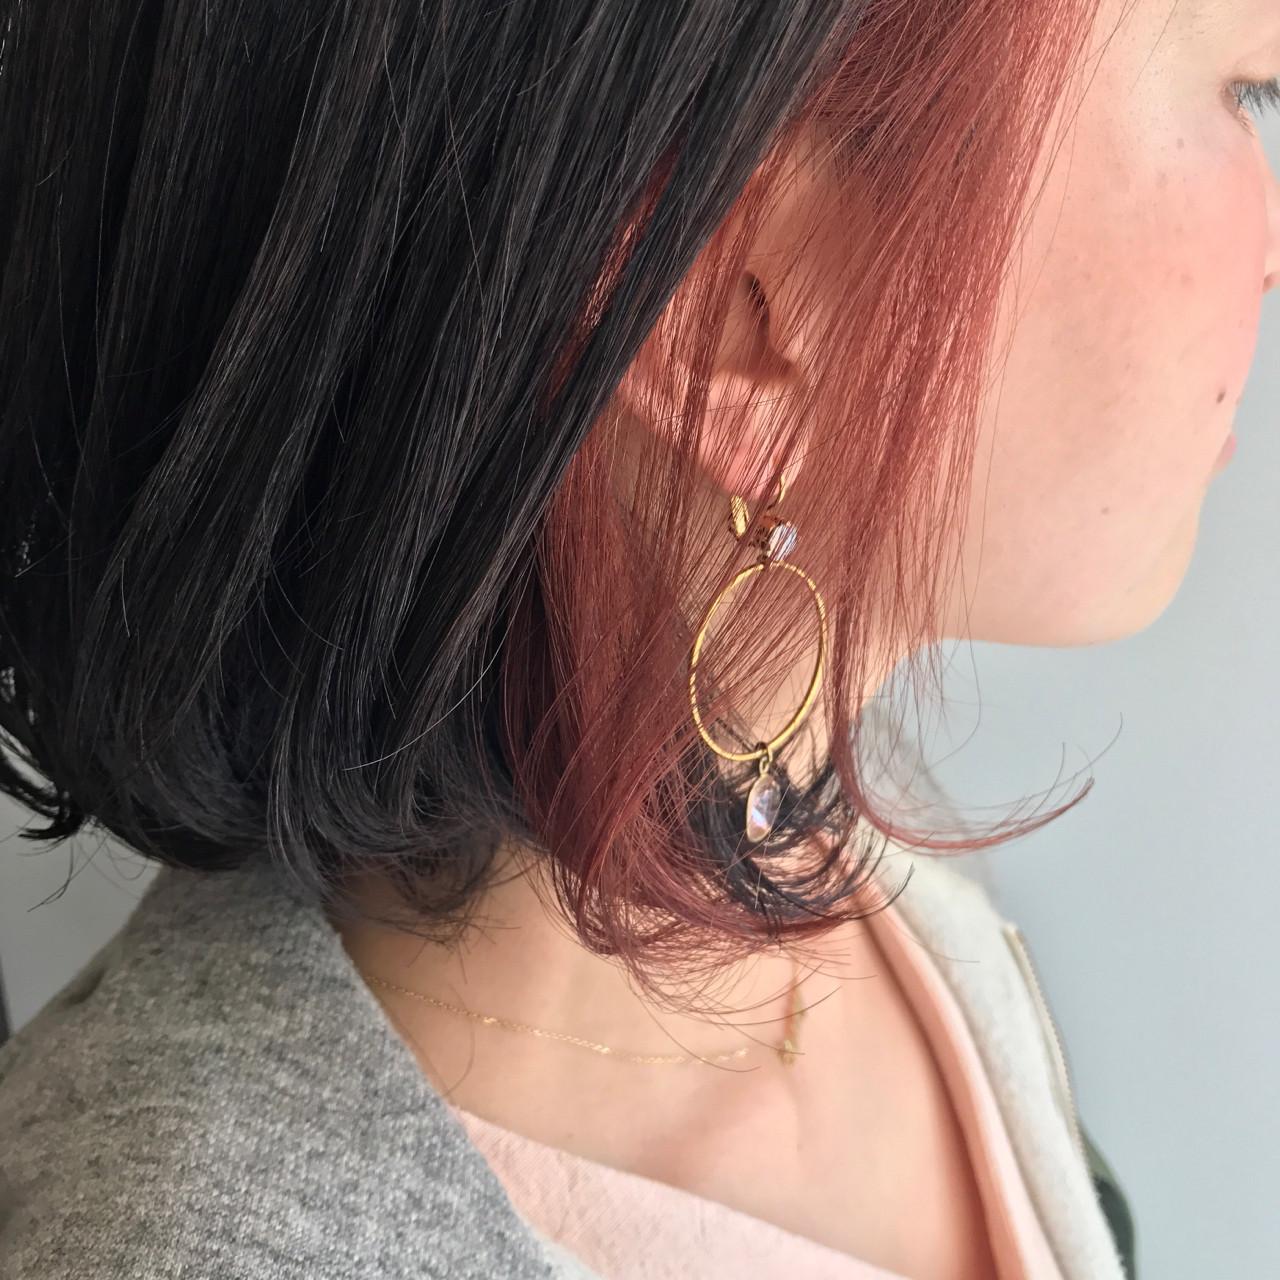 ガーリー 黒髪 ベリーピンク ボブ ヘアスタイルや髪型の写真・画像